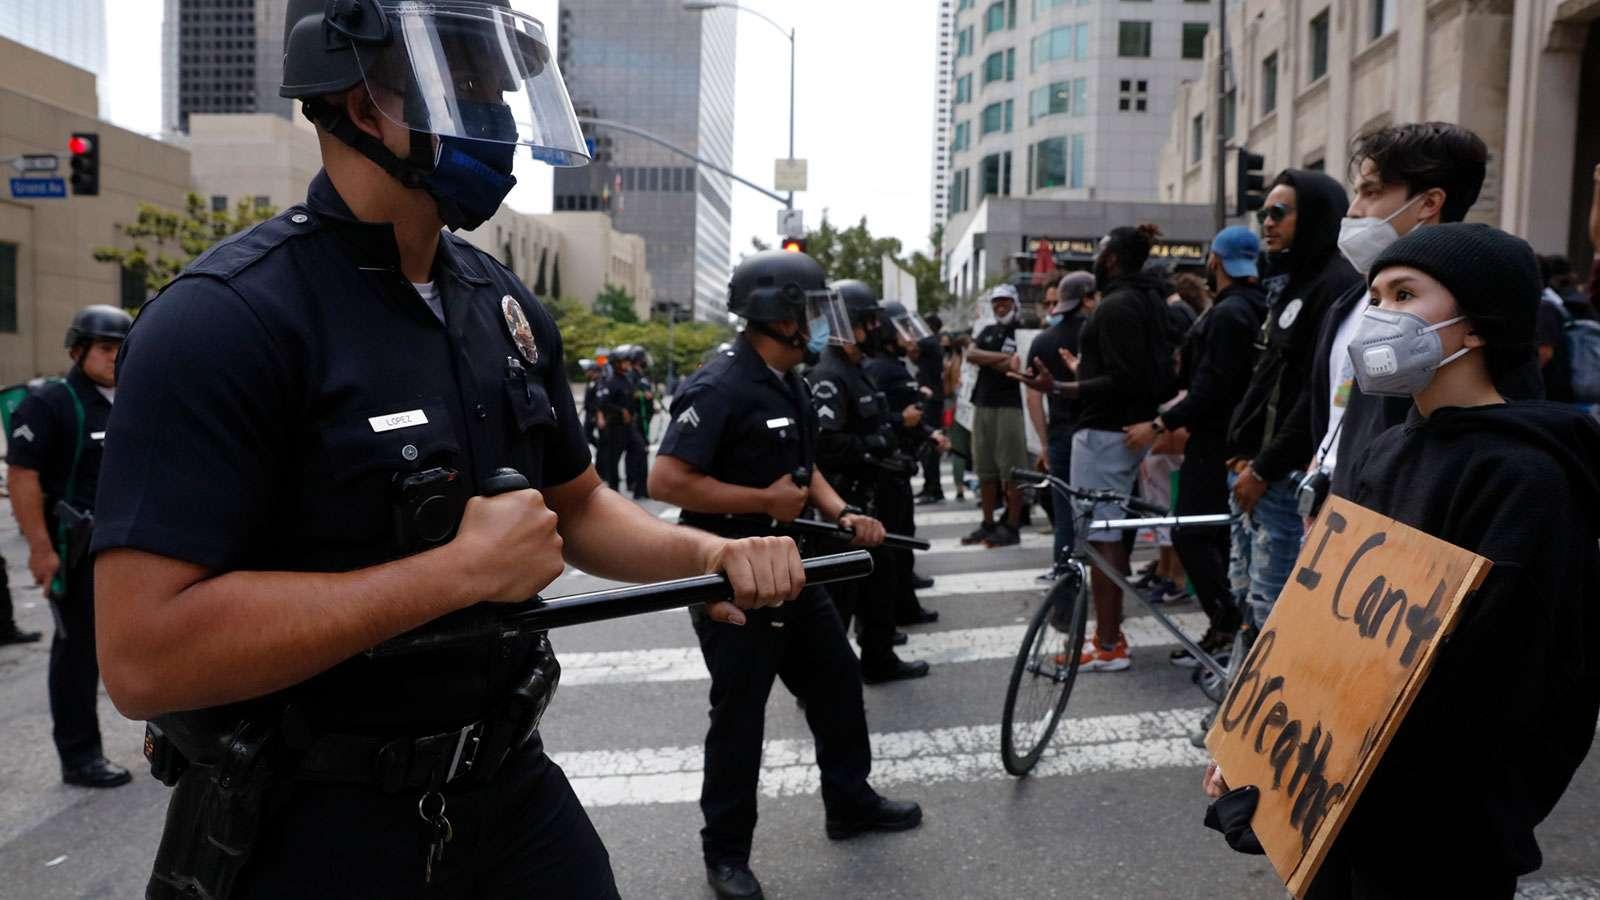 ΗΠΑ: Πολλαπλασιάζονται oι διαδηλώσεις για τον θάνατο του Τζορτζ Φλόιντ